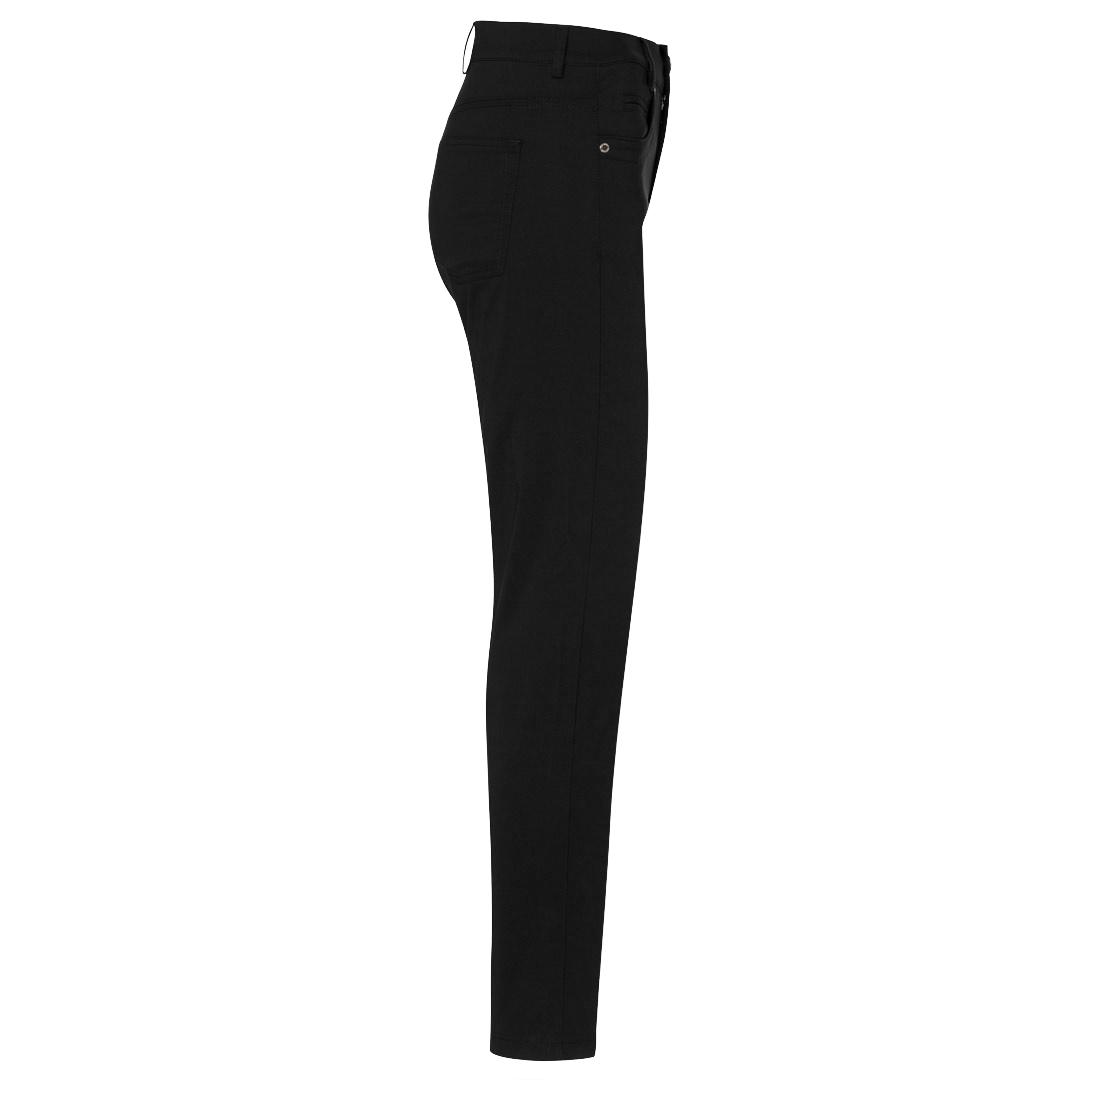 Damen 7/8-Golfhose aus wasserabweisendem Stretch-Material mit Sonnenschutz-Funktion